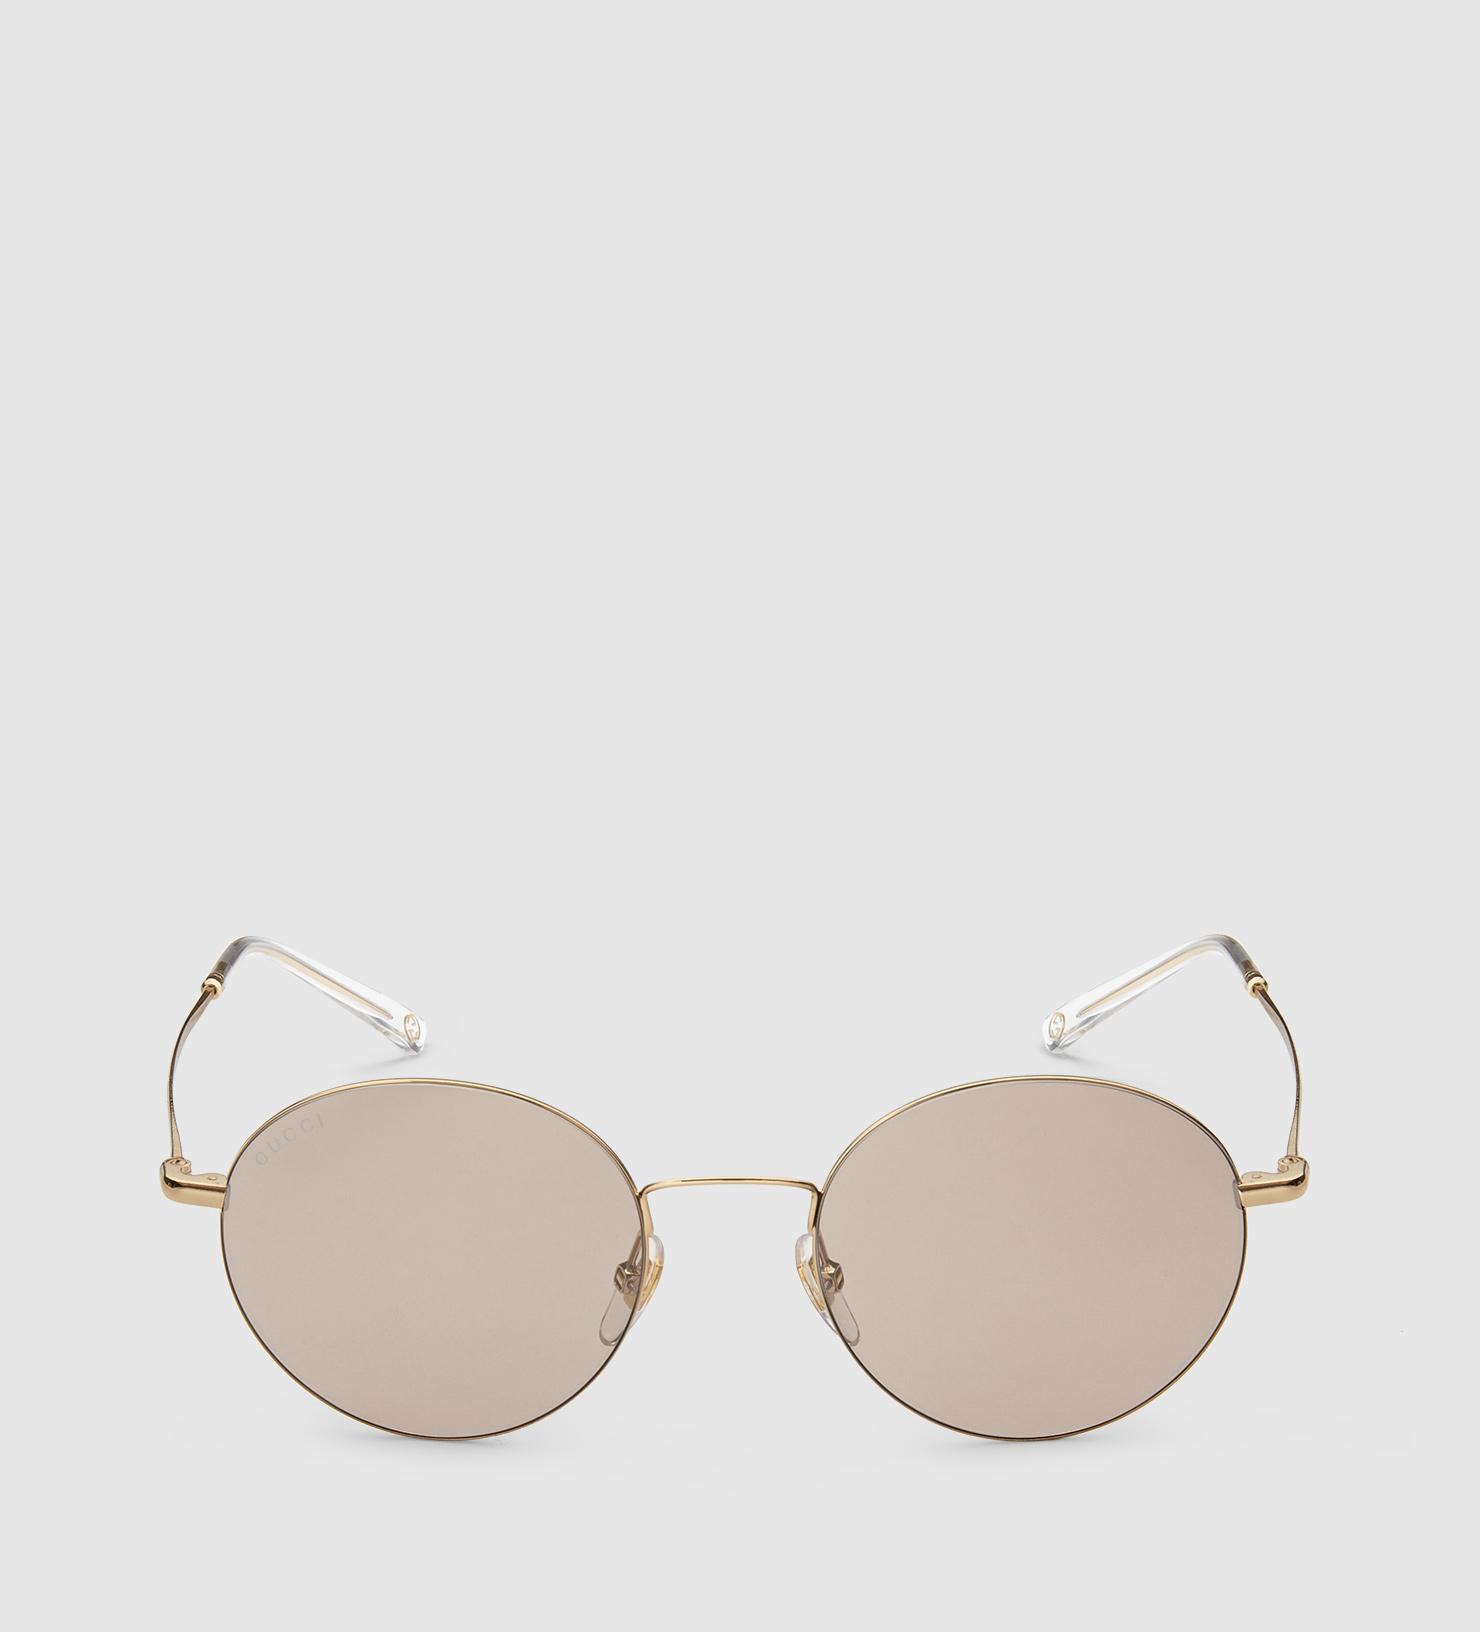 e0baa786cdb Round Frame Metal Sunglasses Gucci